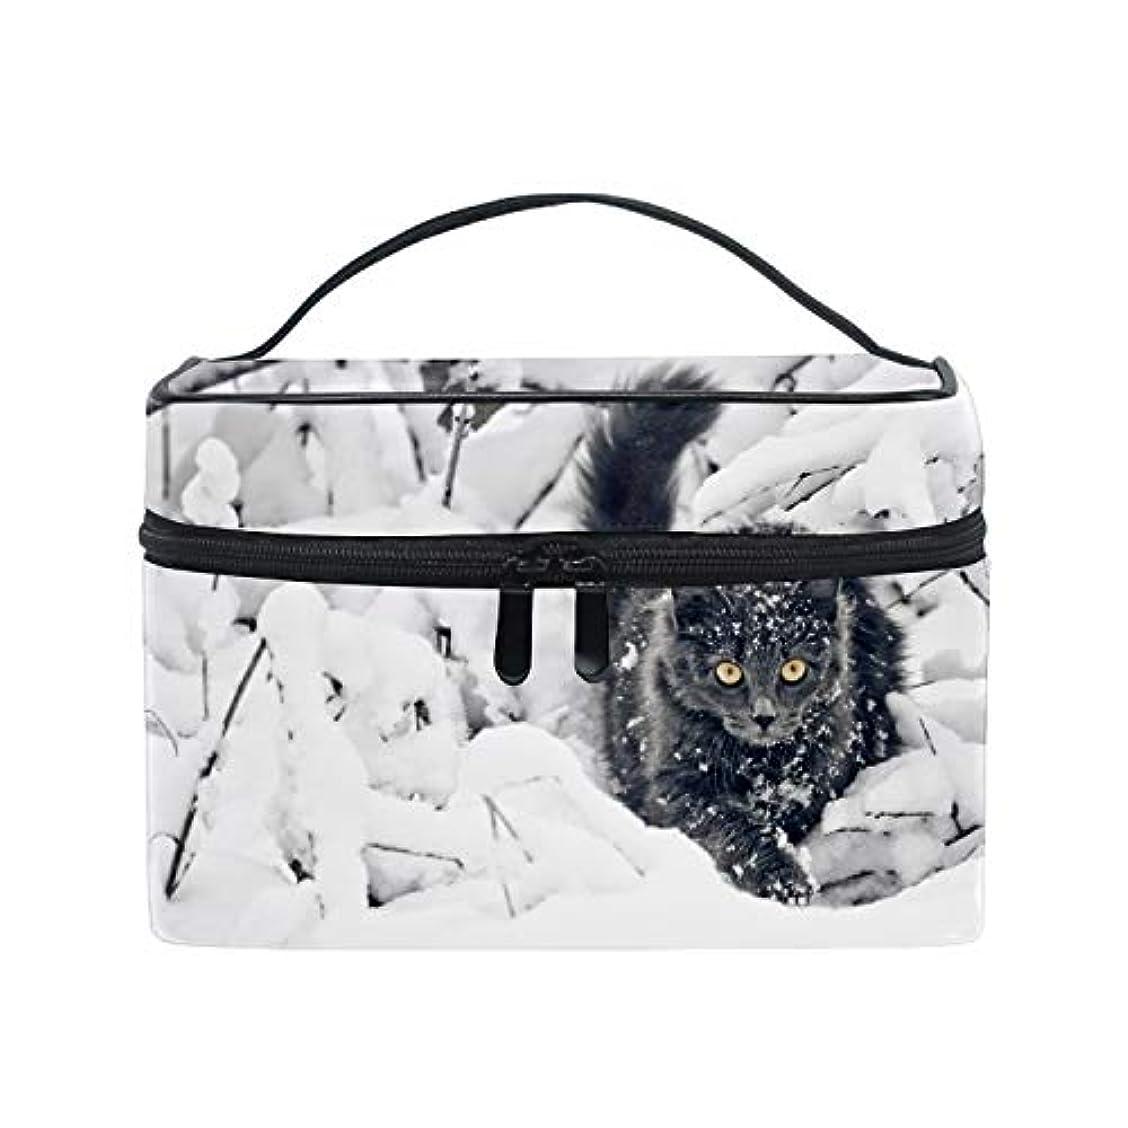 トリムフェード注文収納バッグ 化粧ポーチ トラベルポーチ 小物入れ 大きめ 女の子 可愛い プレゼント猫雪動物ネイチャー